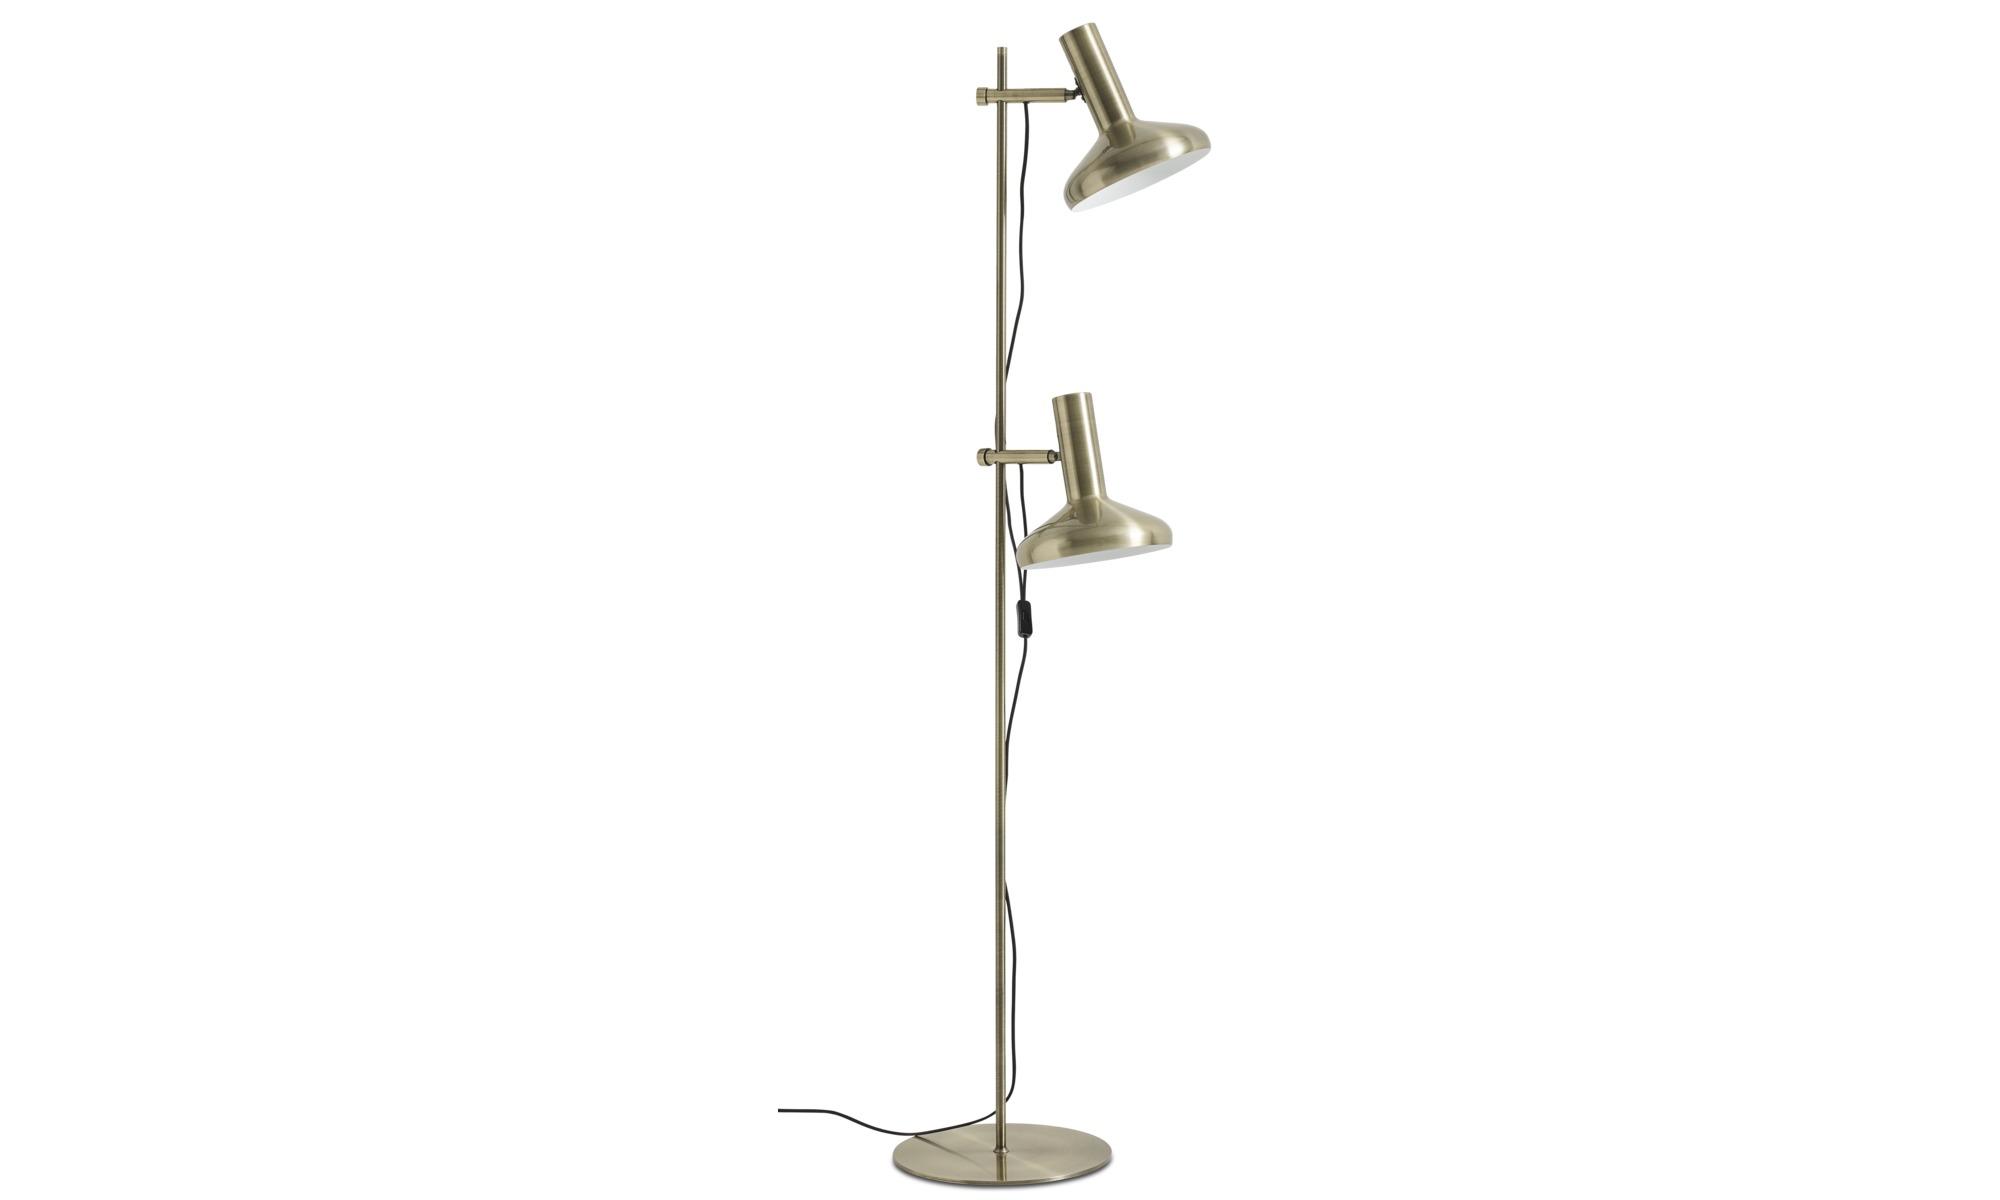 Duo floor lamp